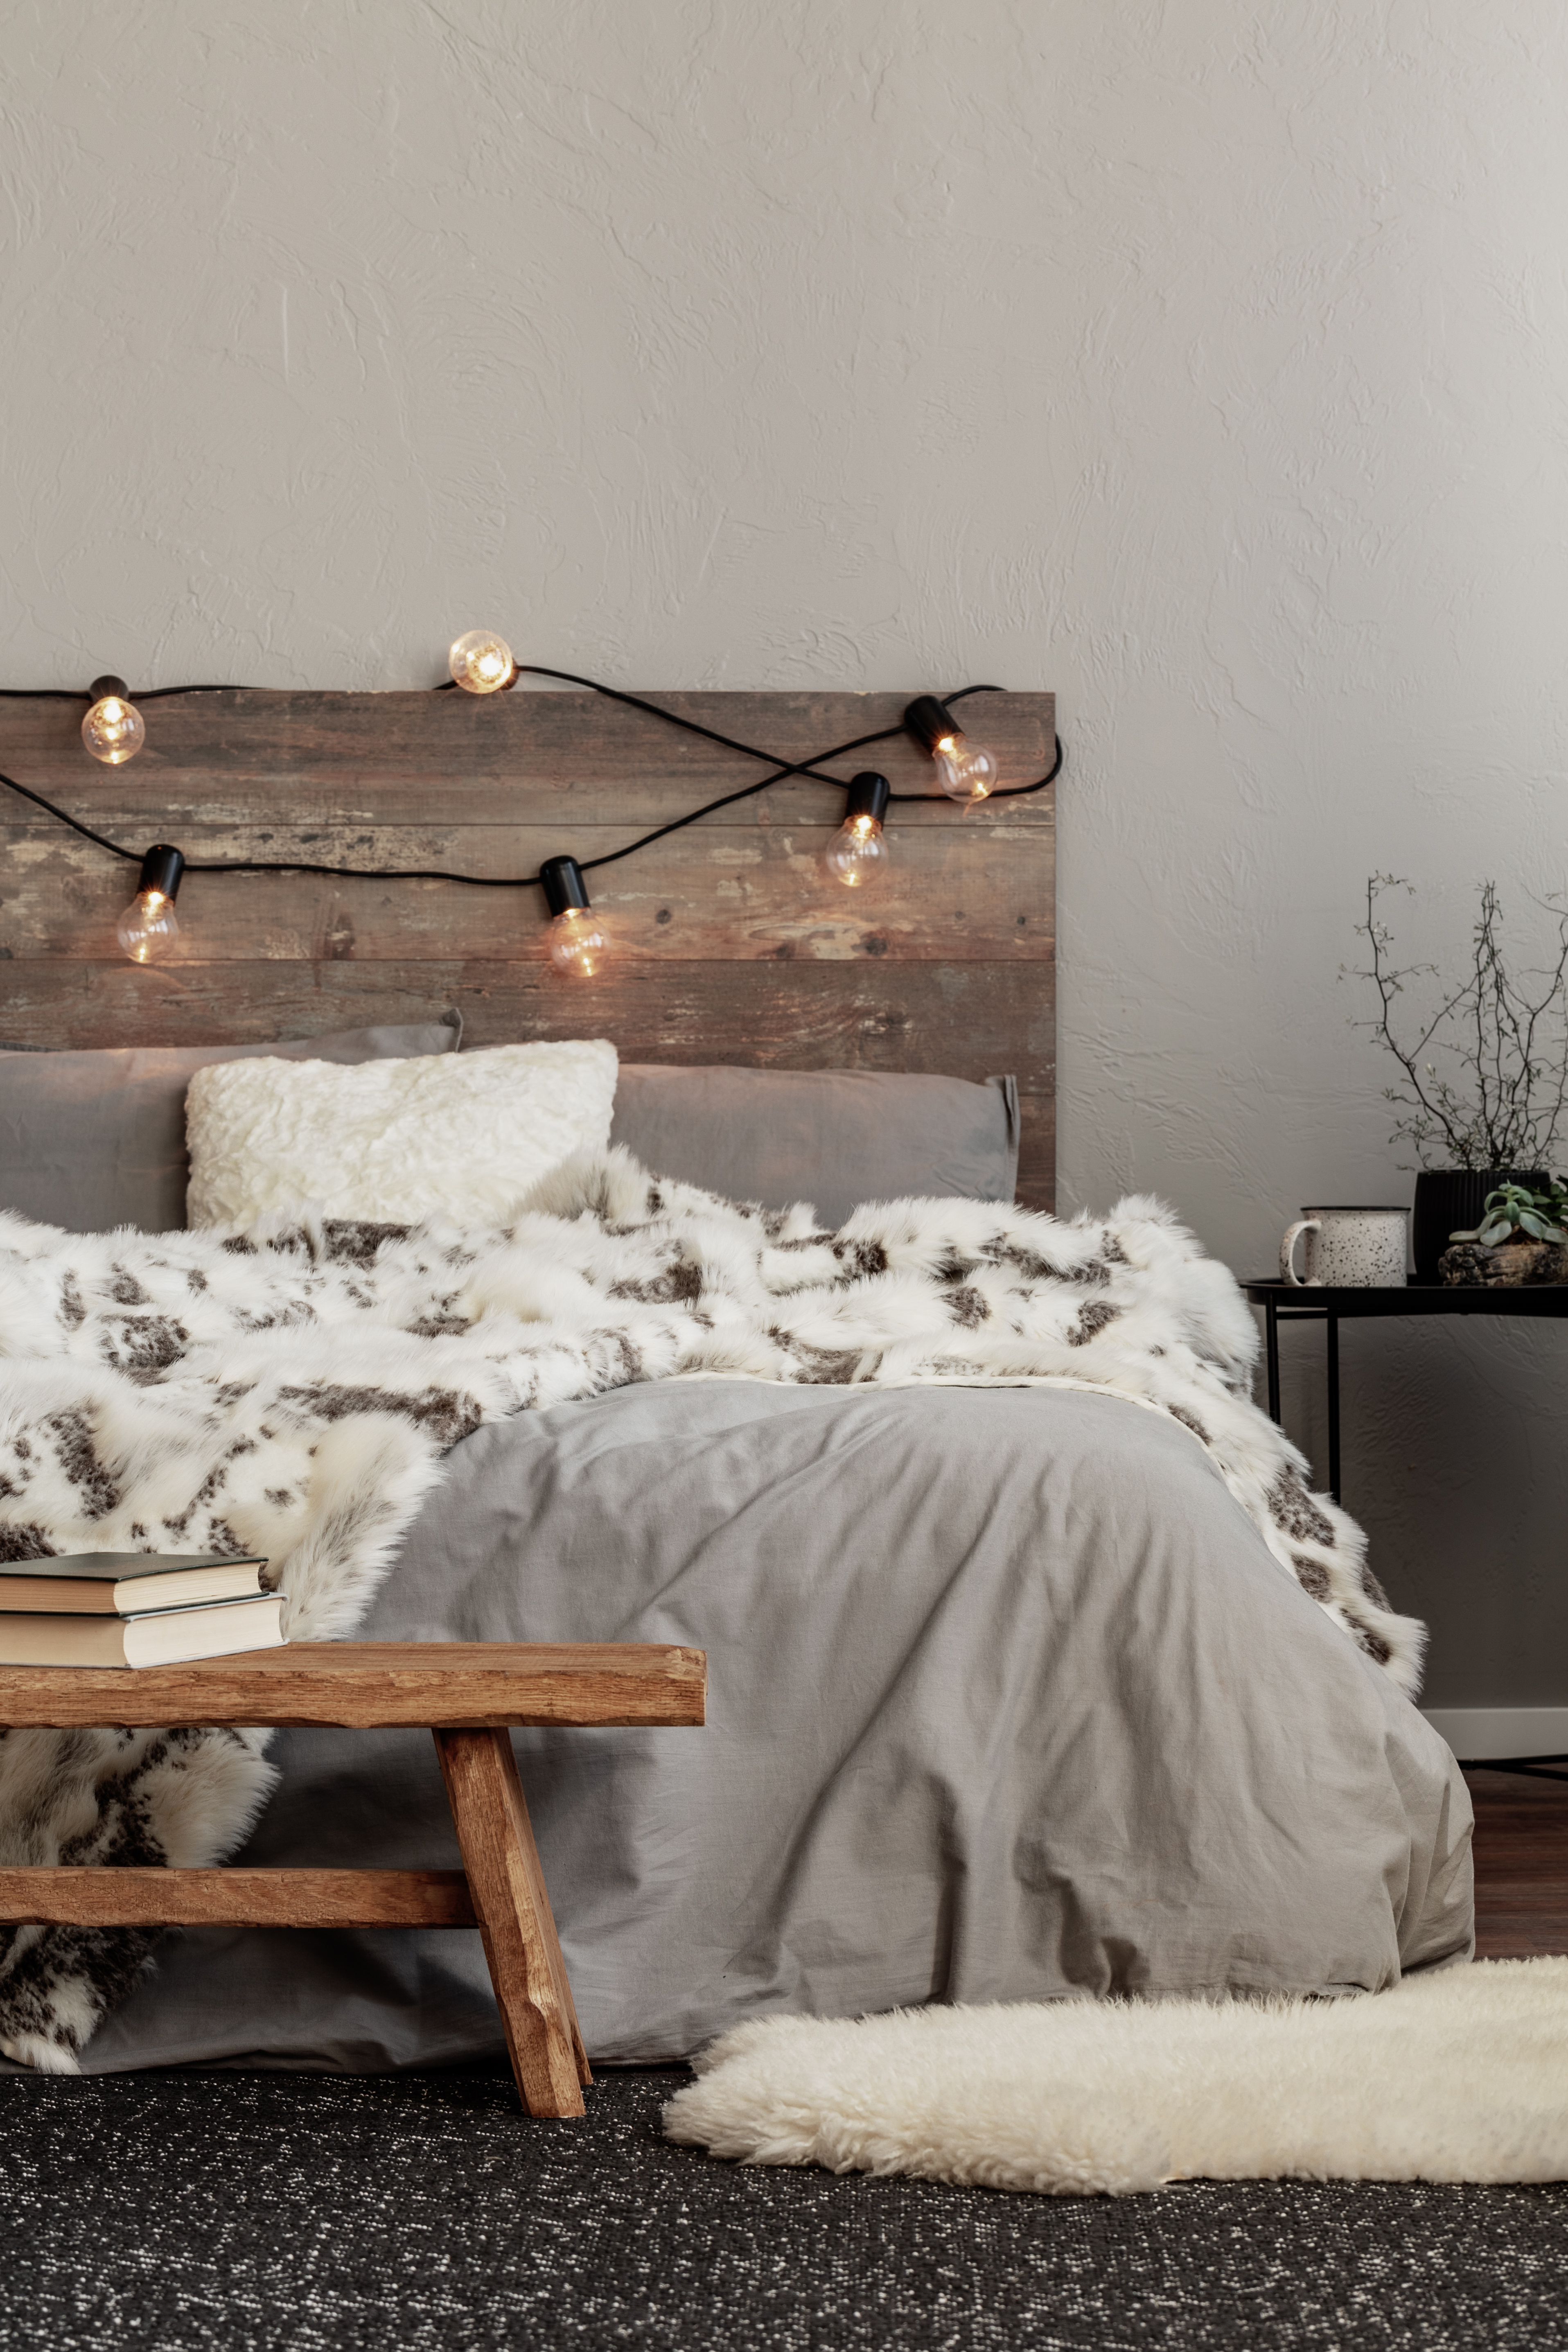 Comment créer une chambre cocooning  Nos idées deco